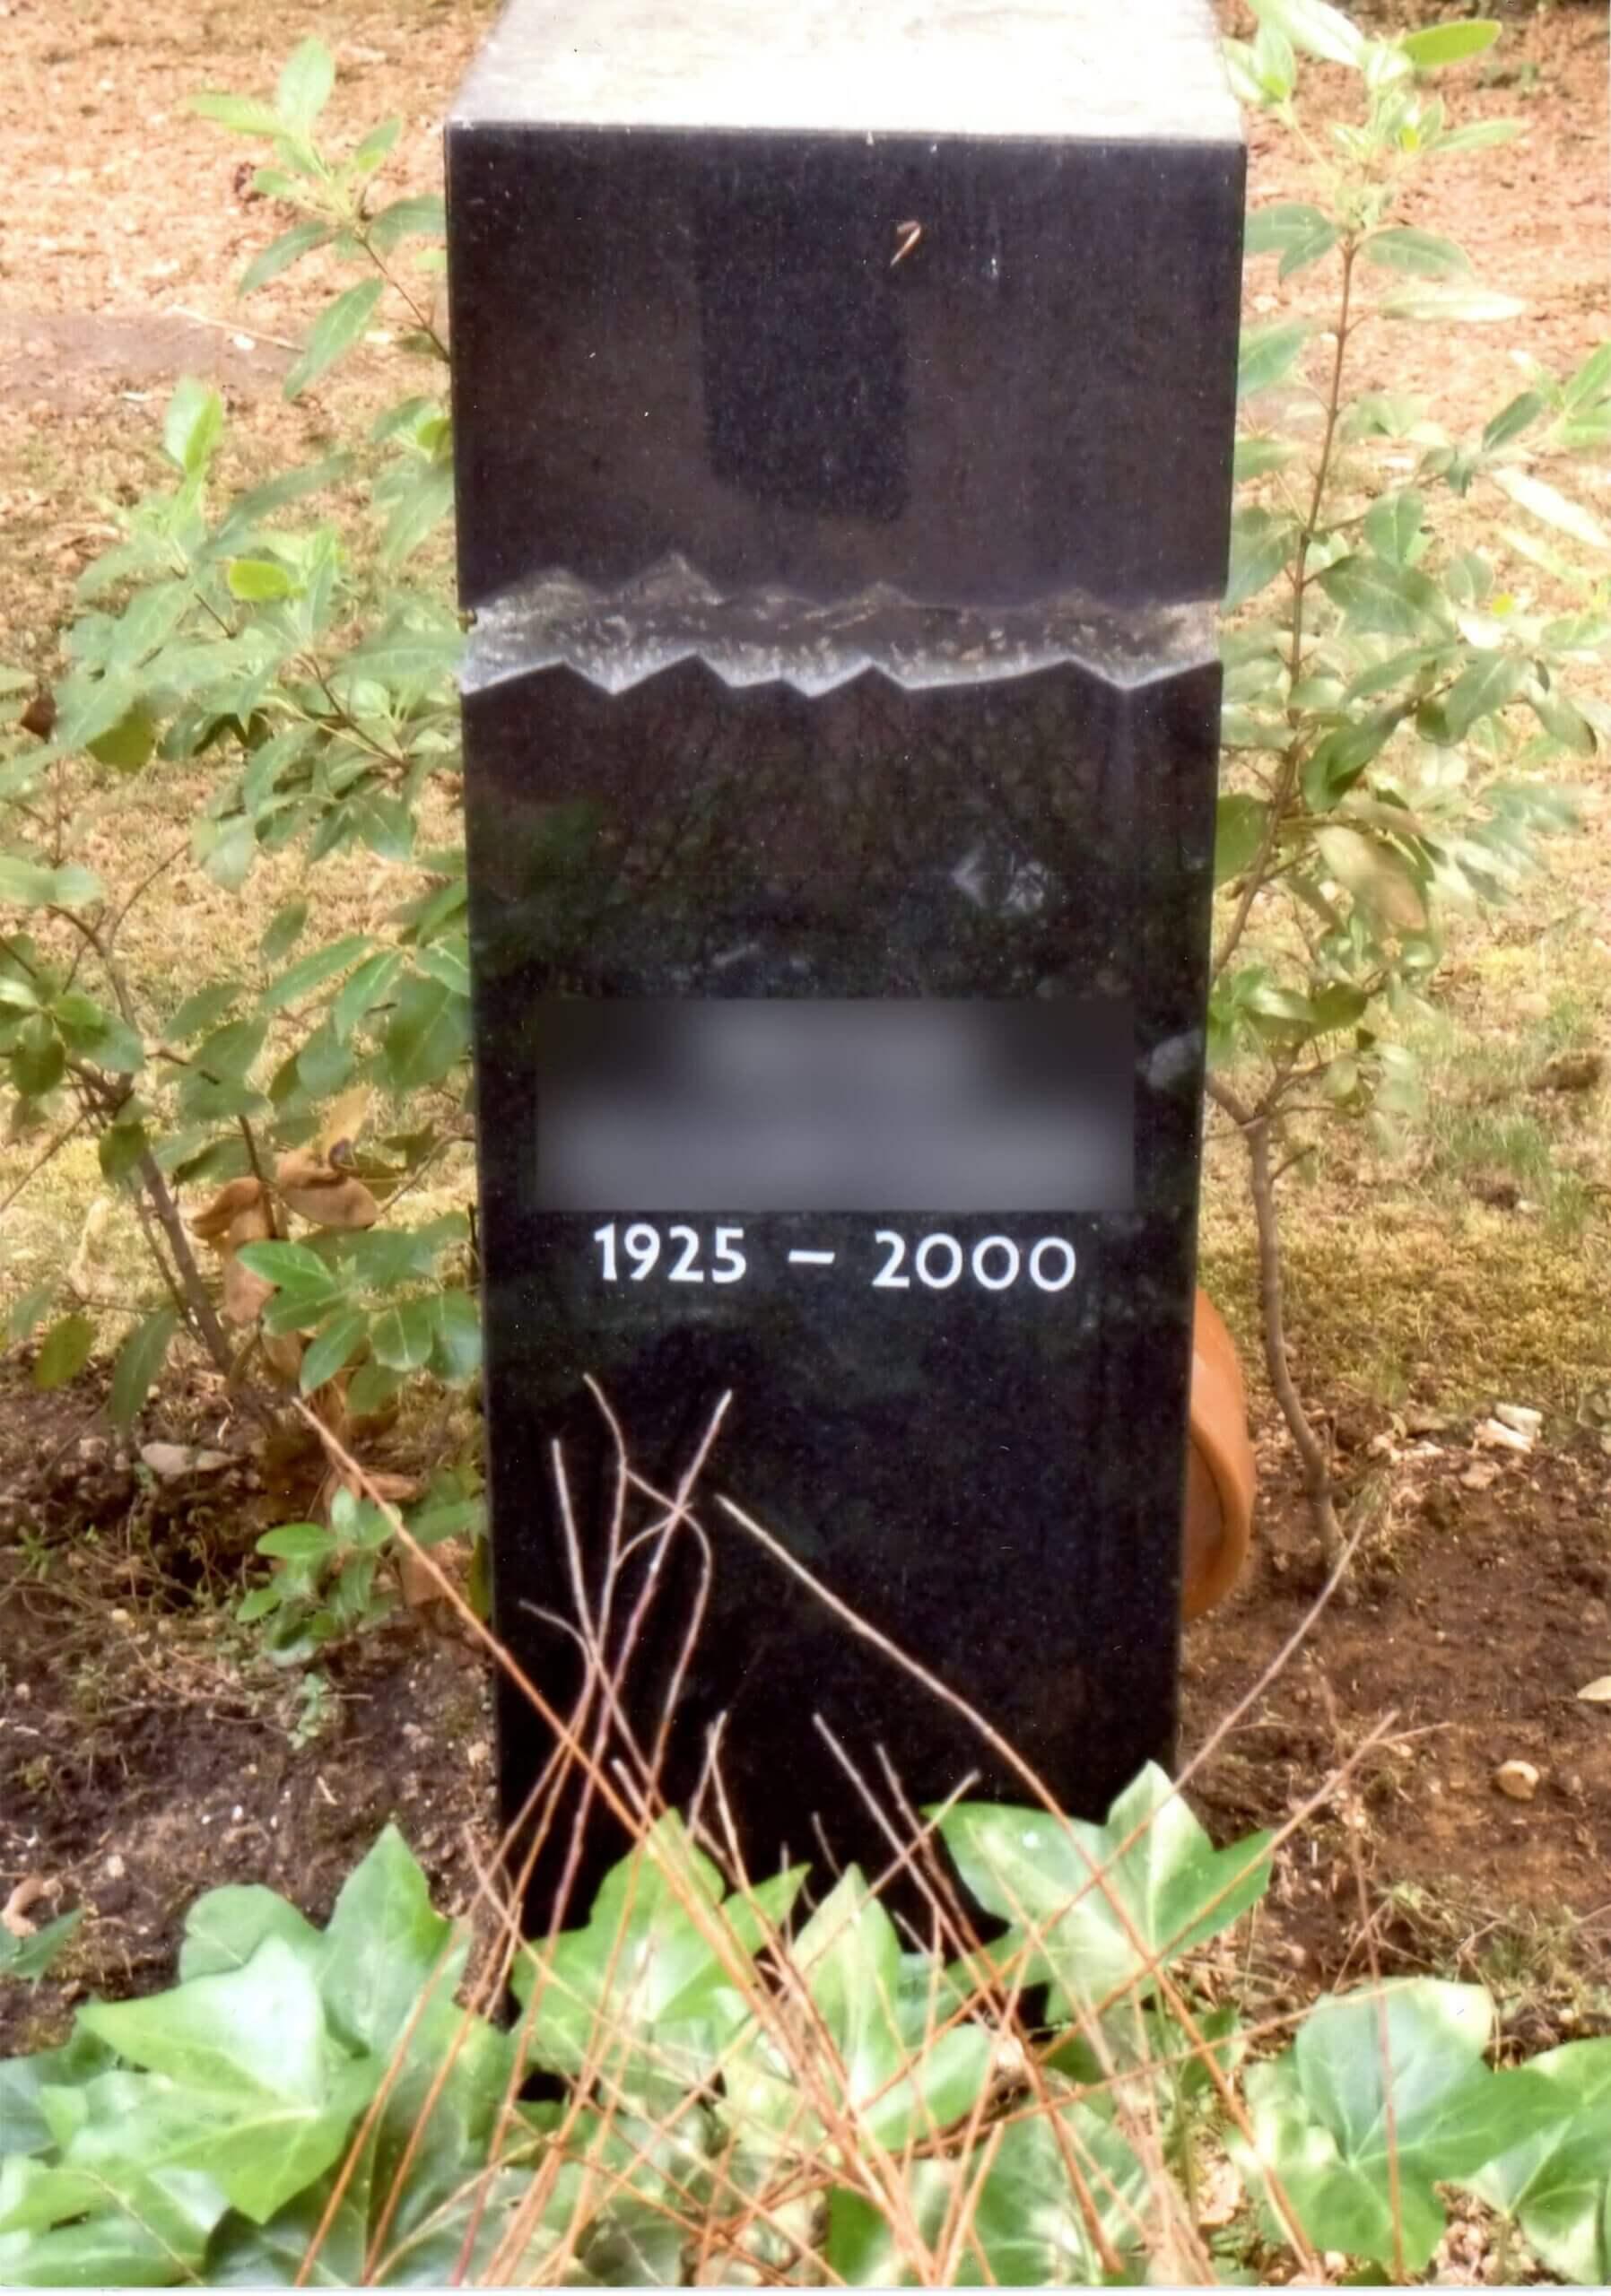 Schwarzer Grabstein in der Erde